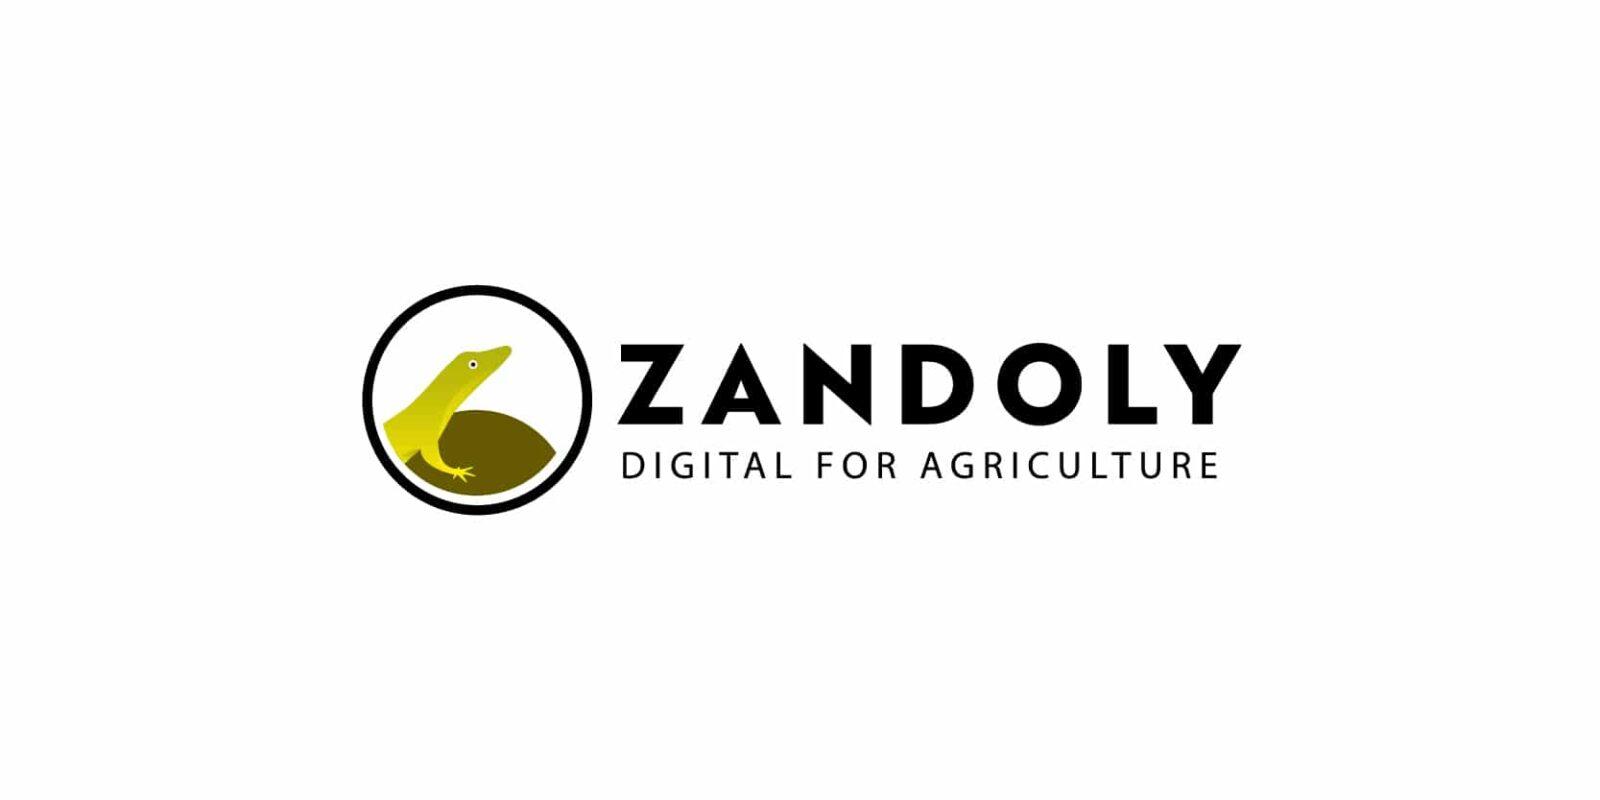 logo Zandoly, création graphique de C Com'Créa